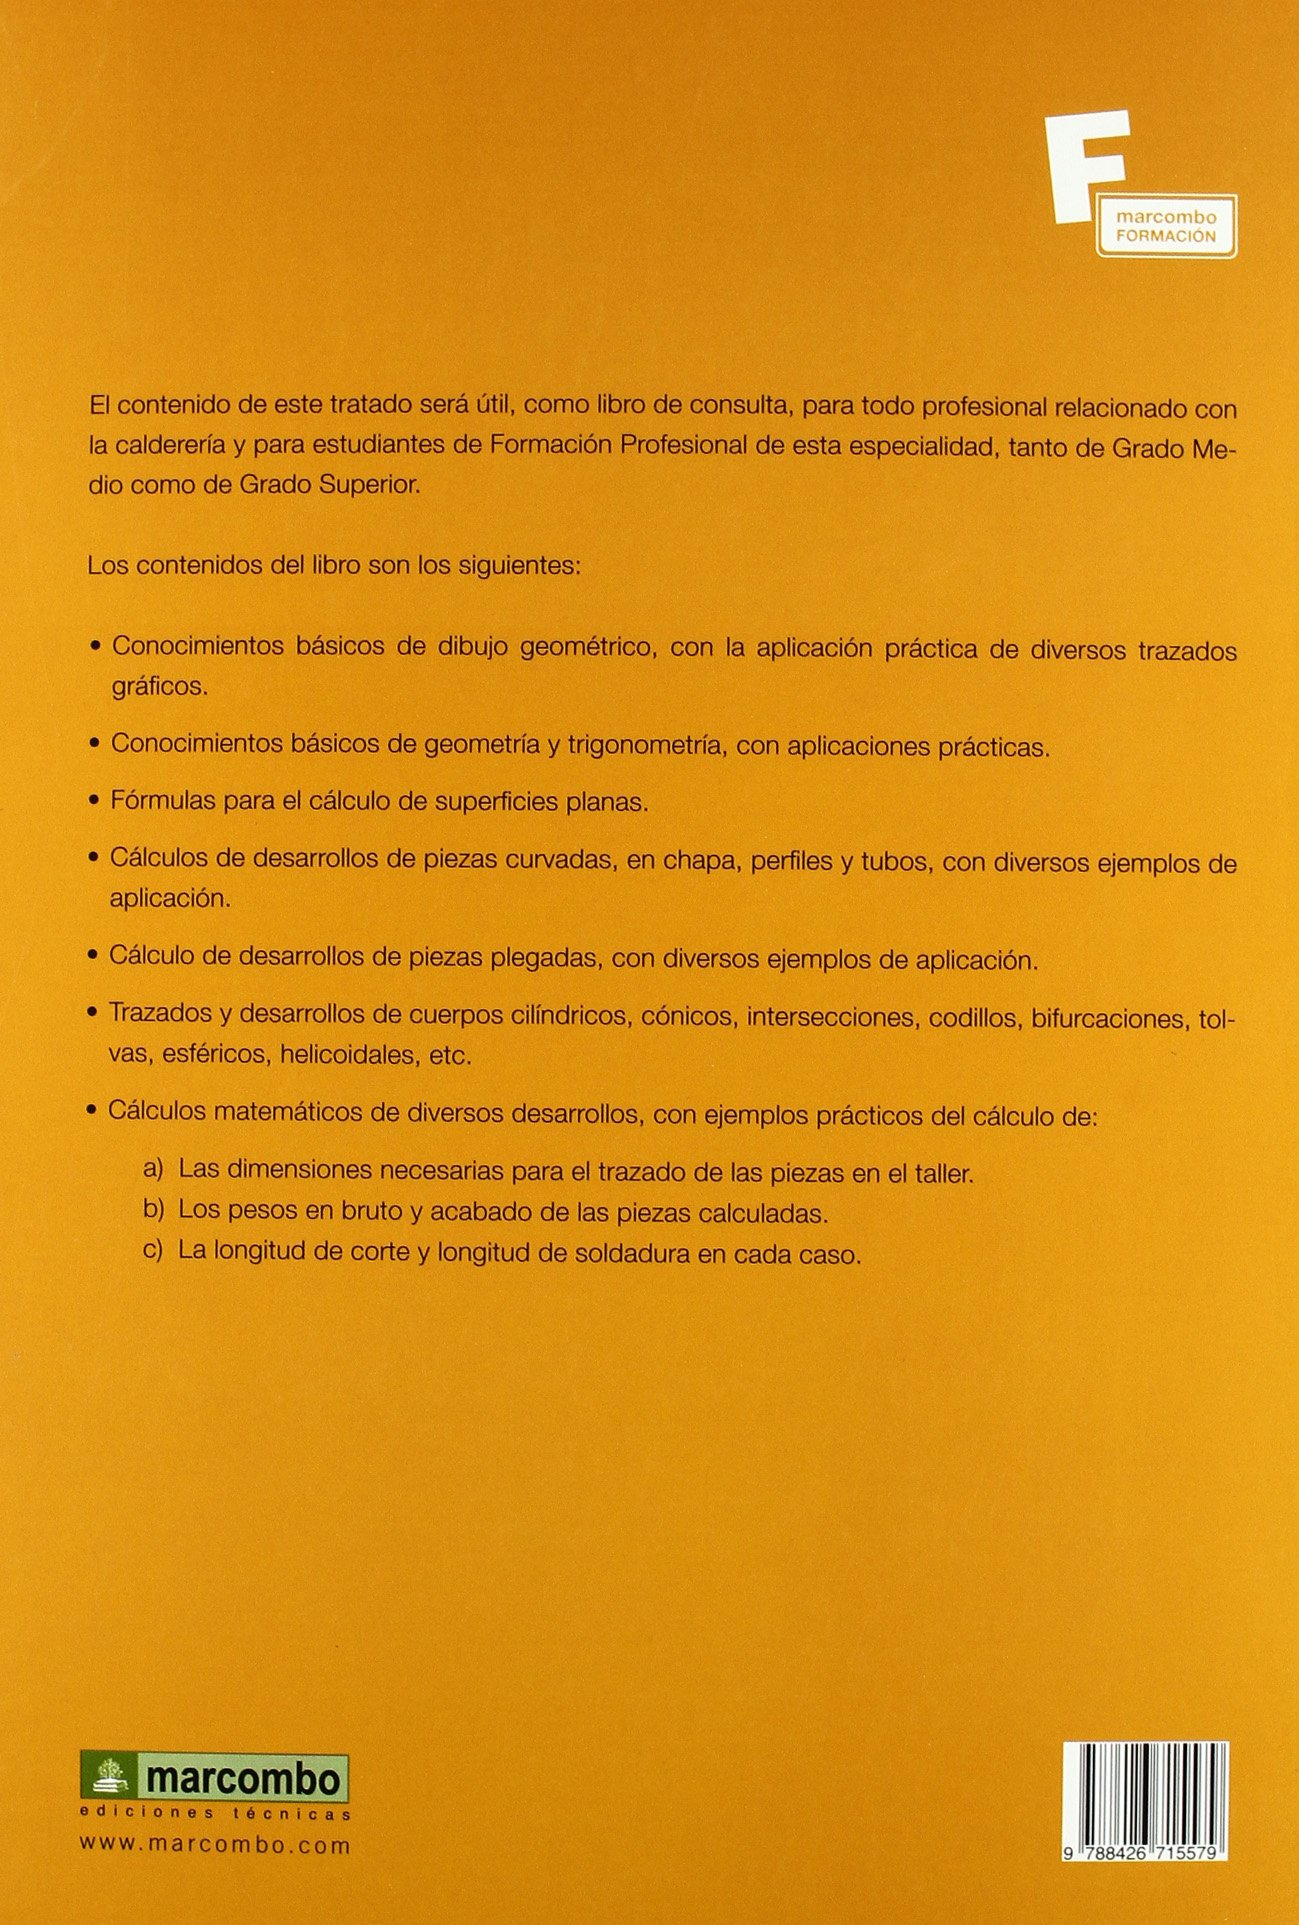 Tratado de trazados y desarrollos de Calderer�a: EMILIO DÍAZ DÍAZ: 9788426715579: Amazon.com: Books